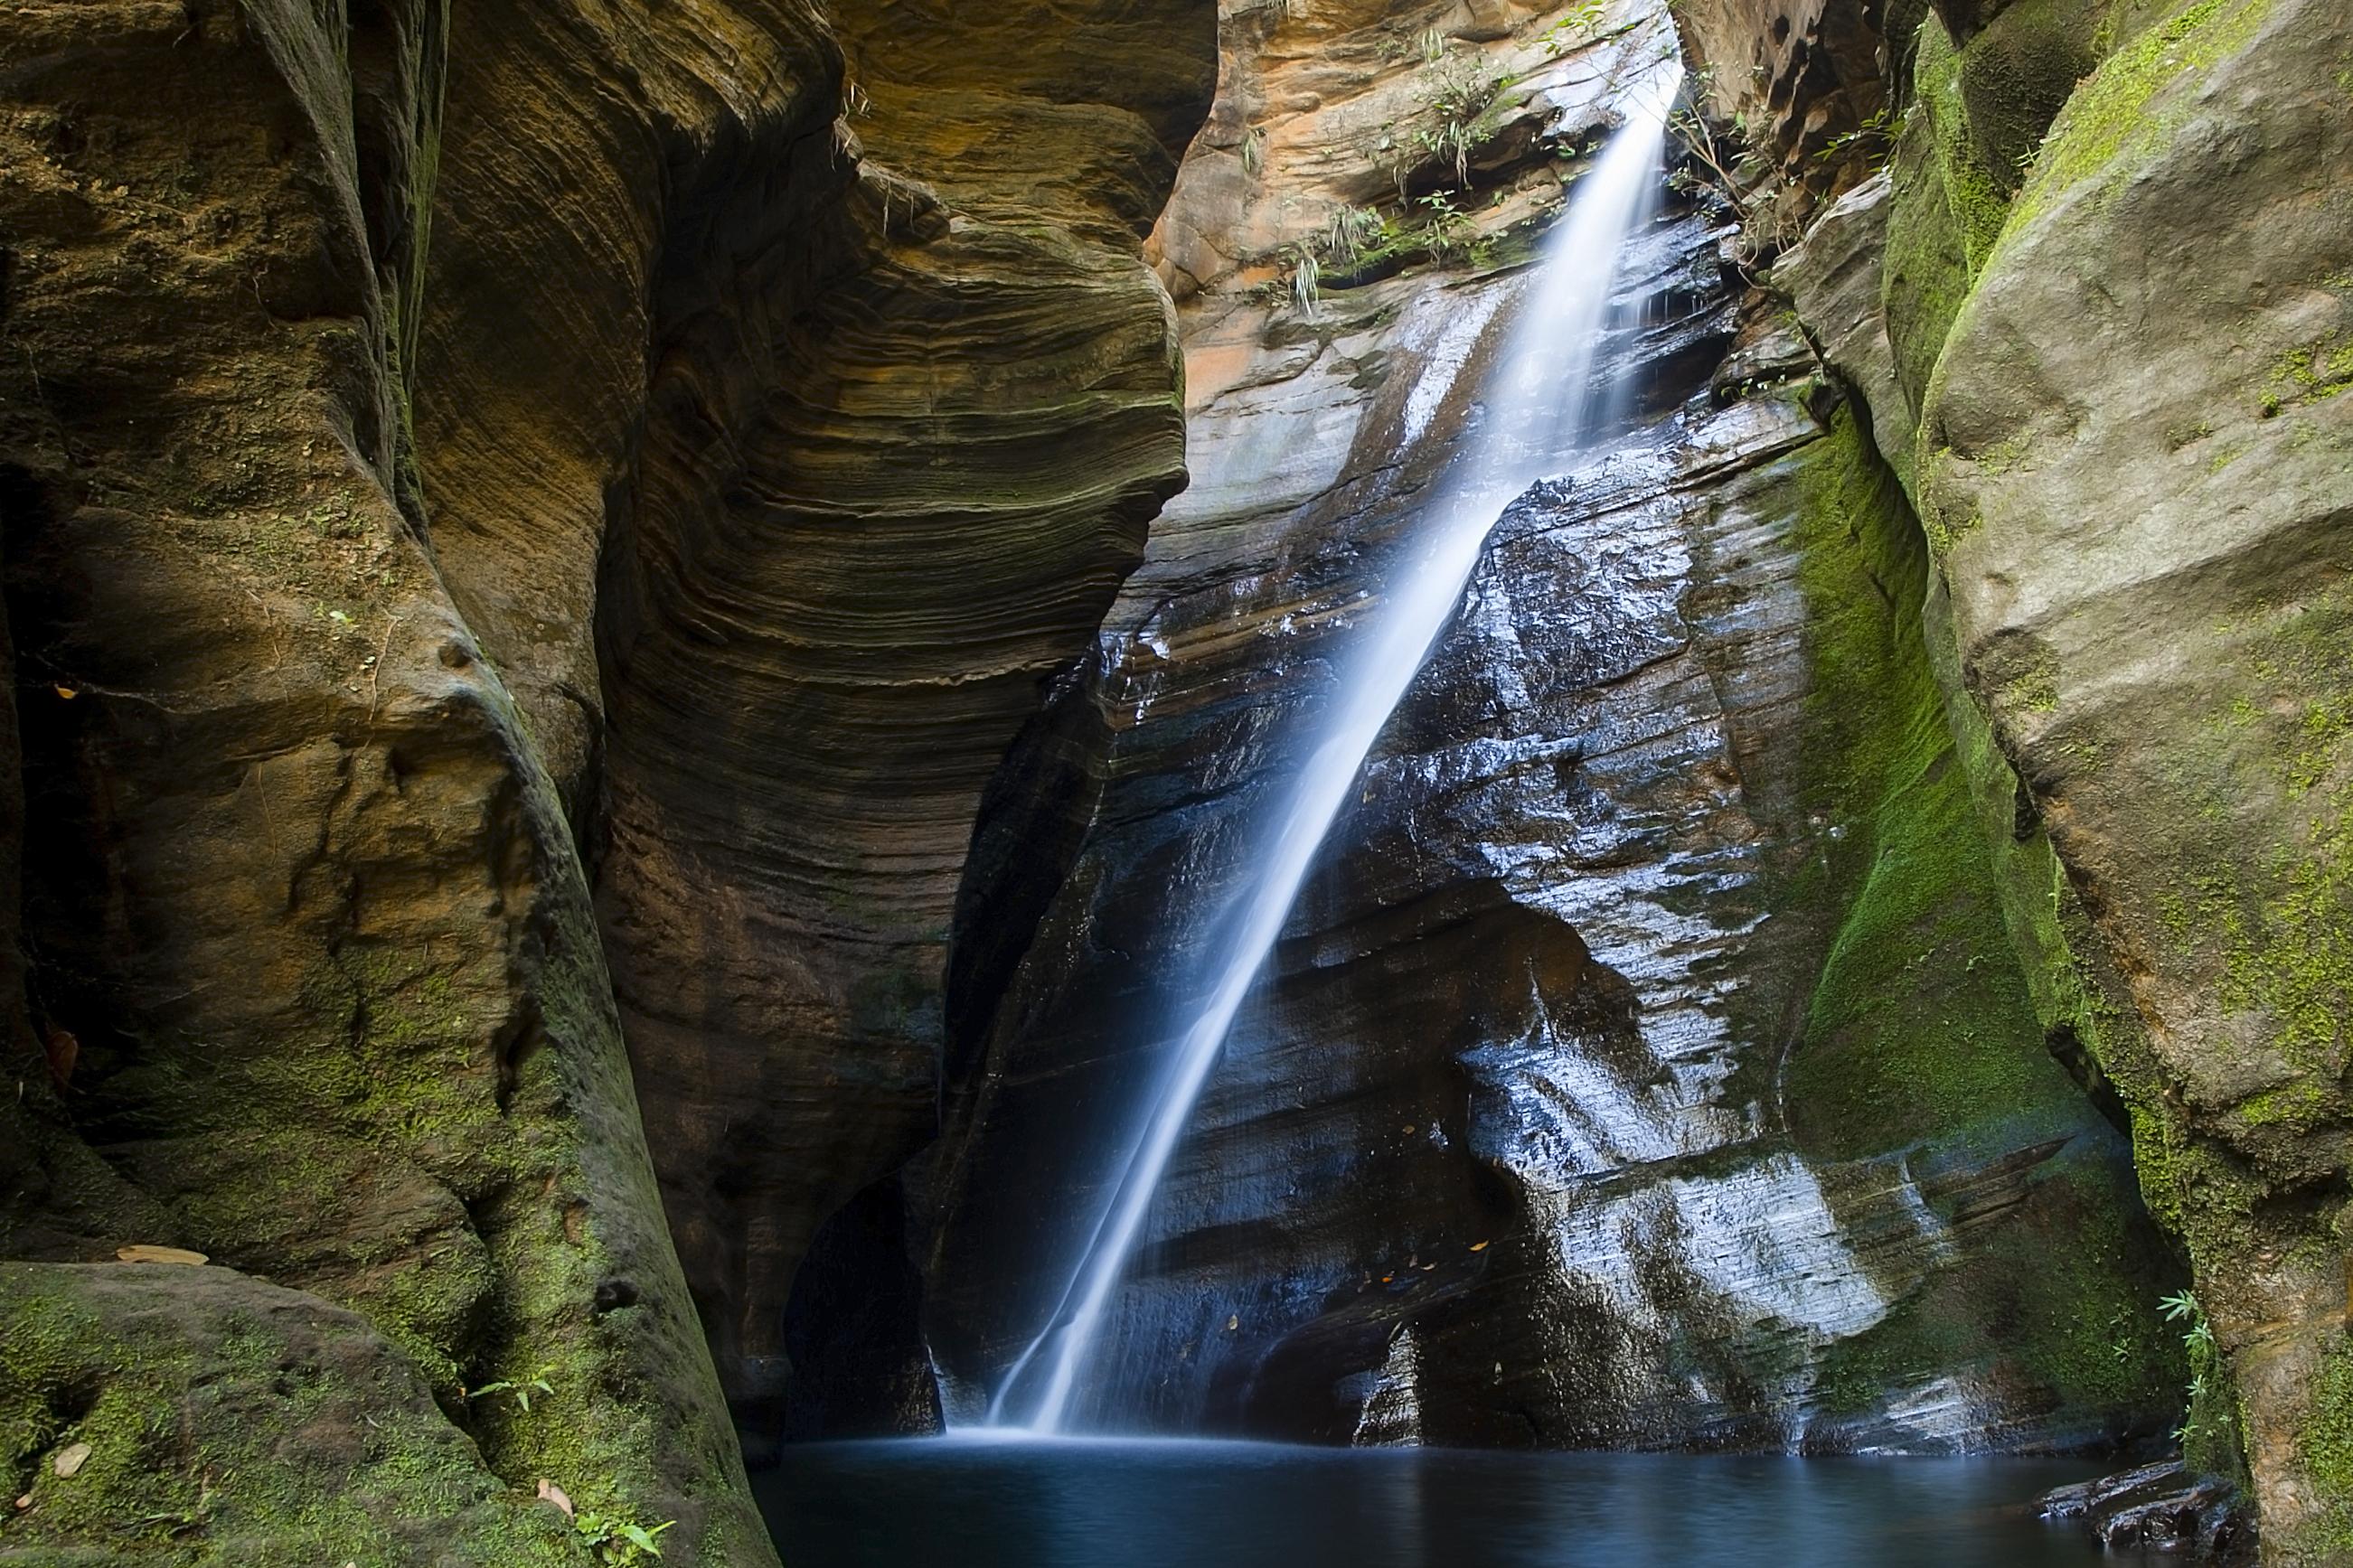 cachoeira-das-andorinhas